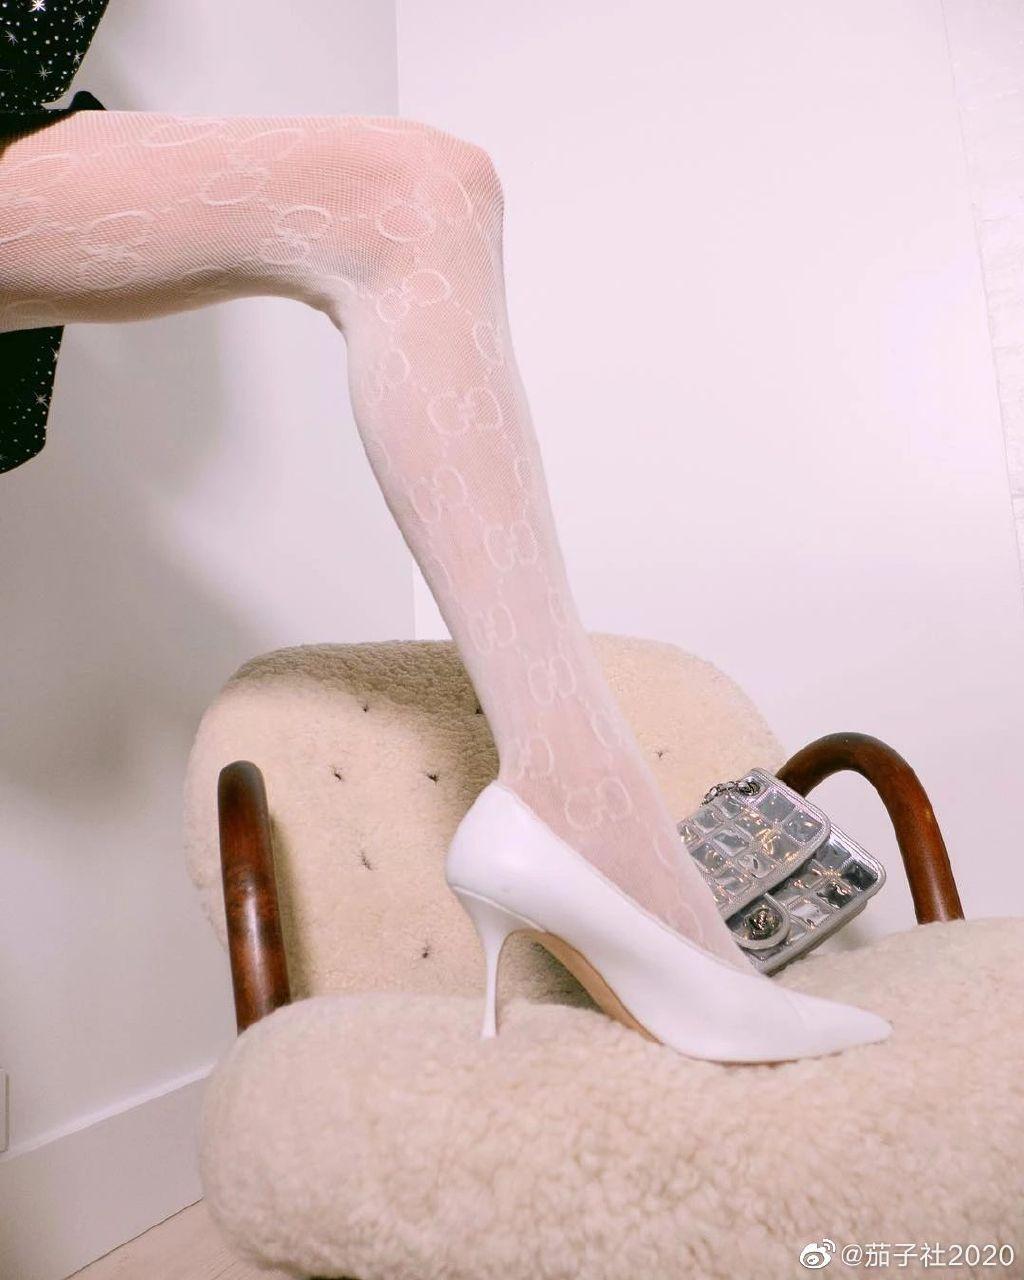 维密天使Elsa Hosk:无处安放的细腰长腿